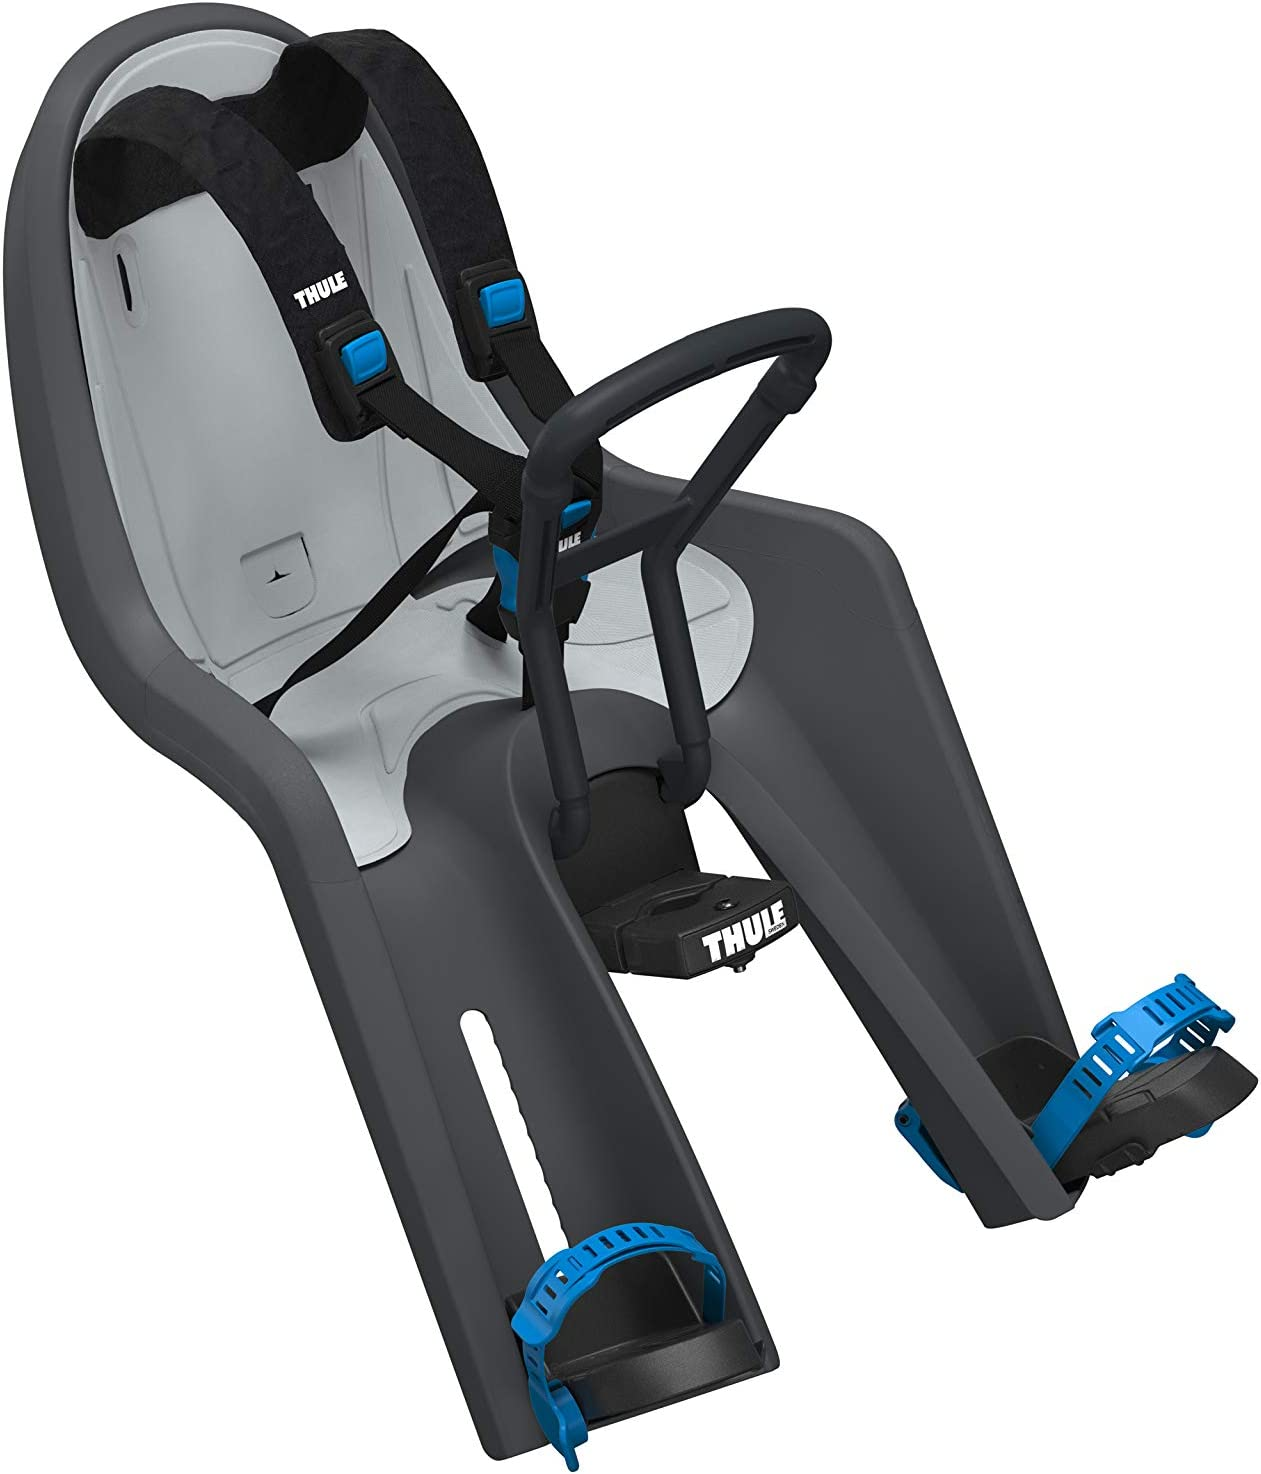 Thule RideAlong Mini, Asiento infantil delantero para bicicleta, cómodo y resistente, para disfrutar de paseos seguros y divertidos